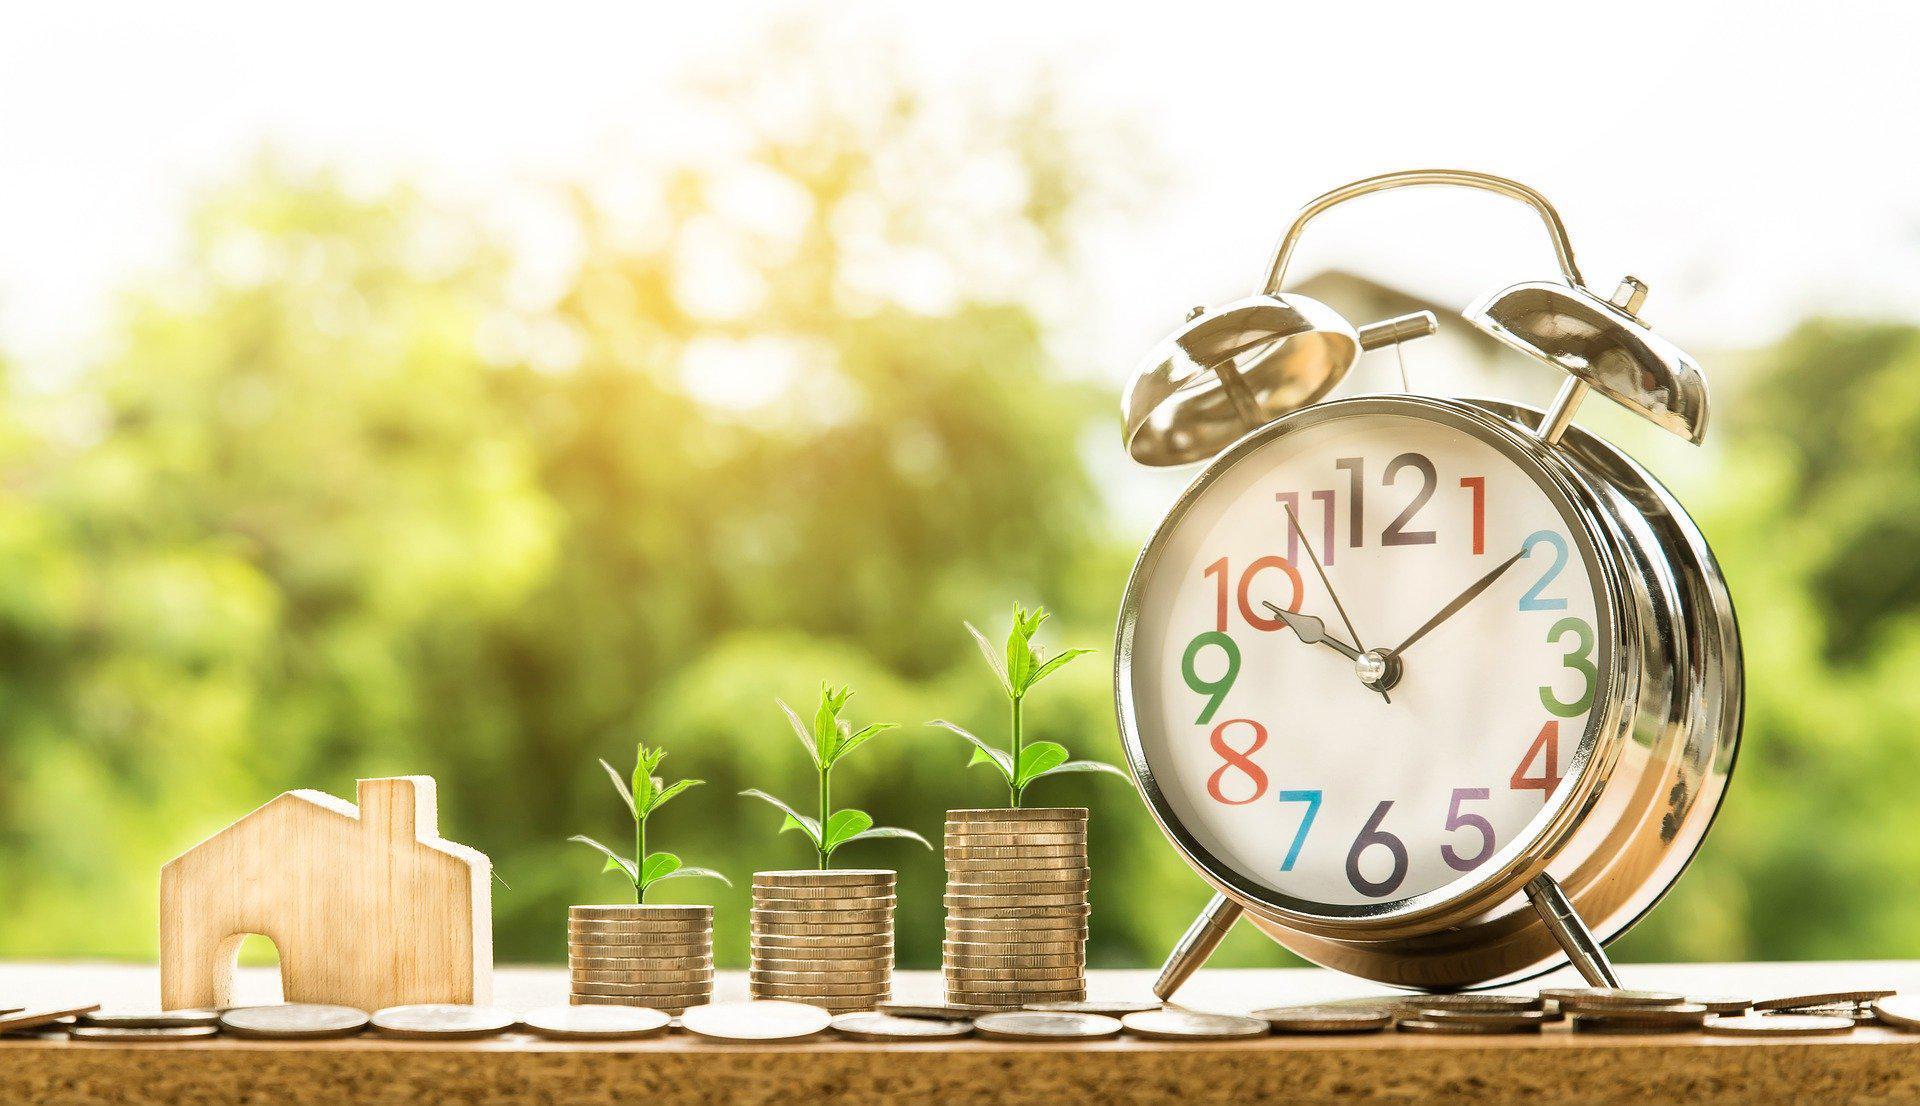 УФНС разъяснило изменения в налогообложении отдельных объектов недвижимости